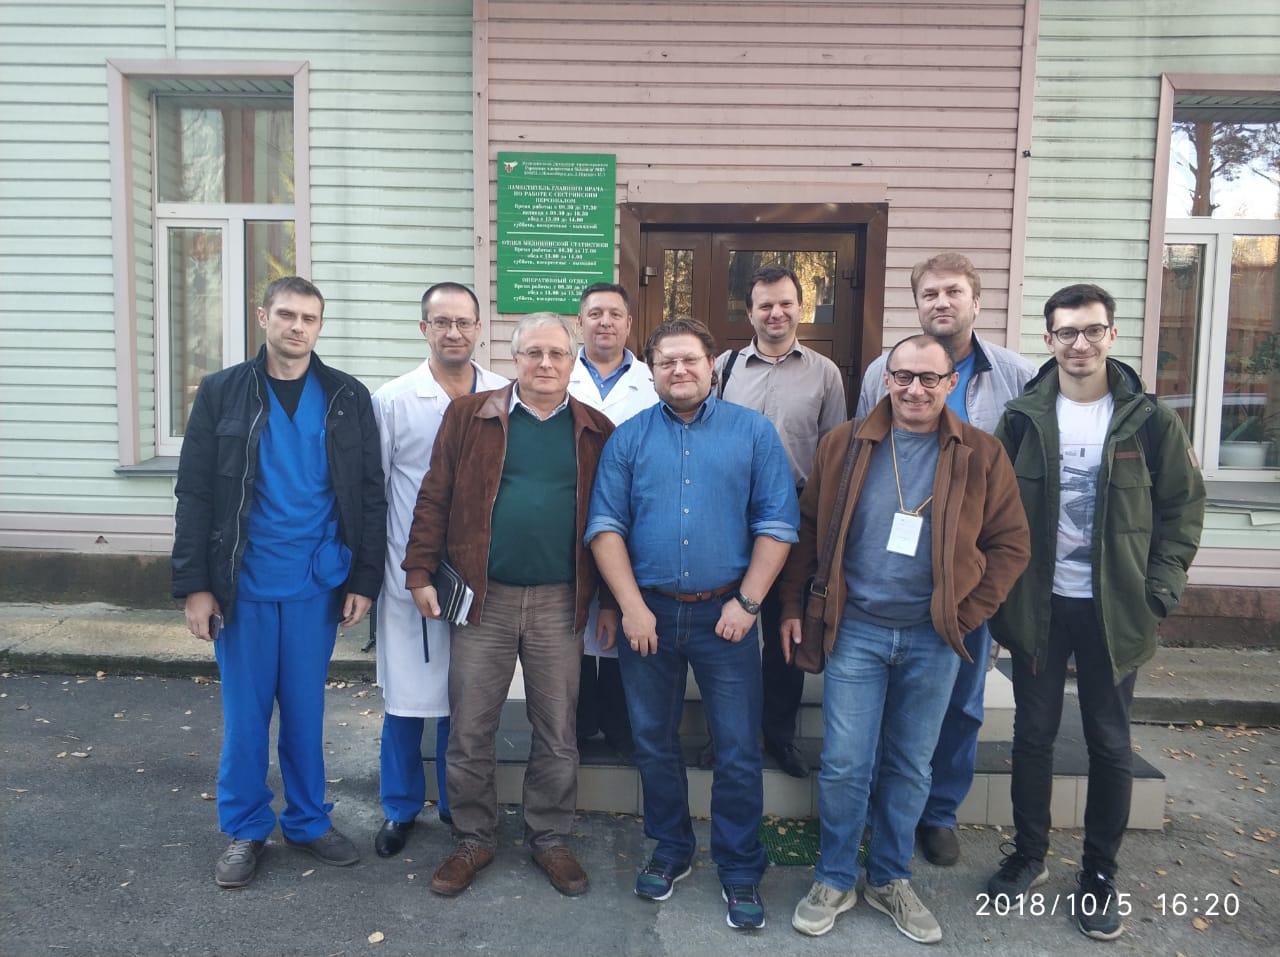 Городскую клиническую больницу №25 посетили специалисты из ведущего израильского медицинского центра